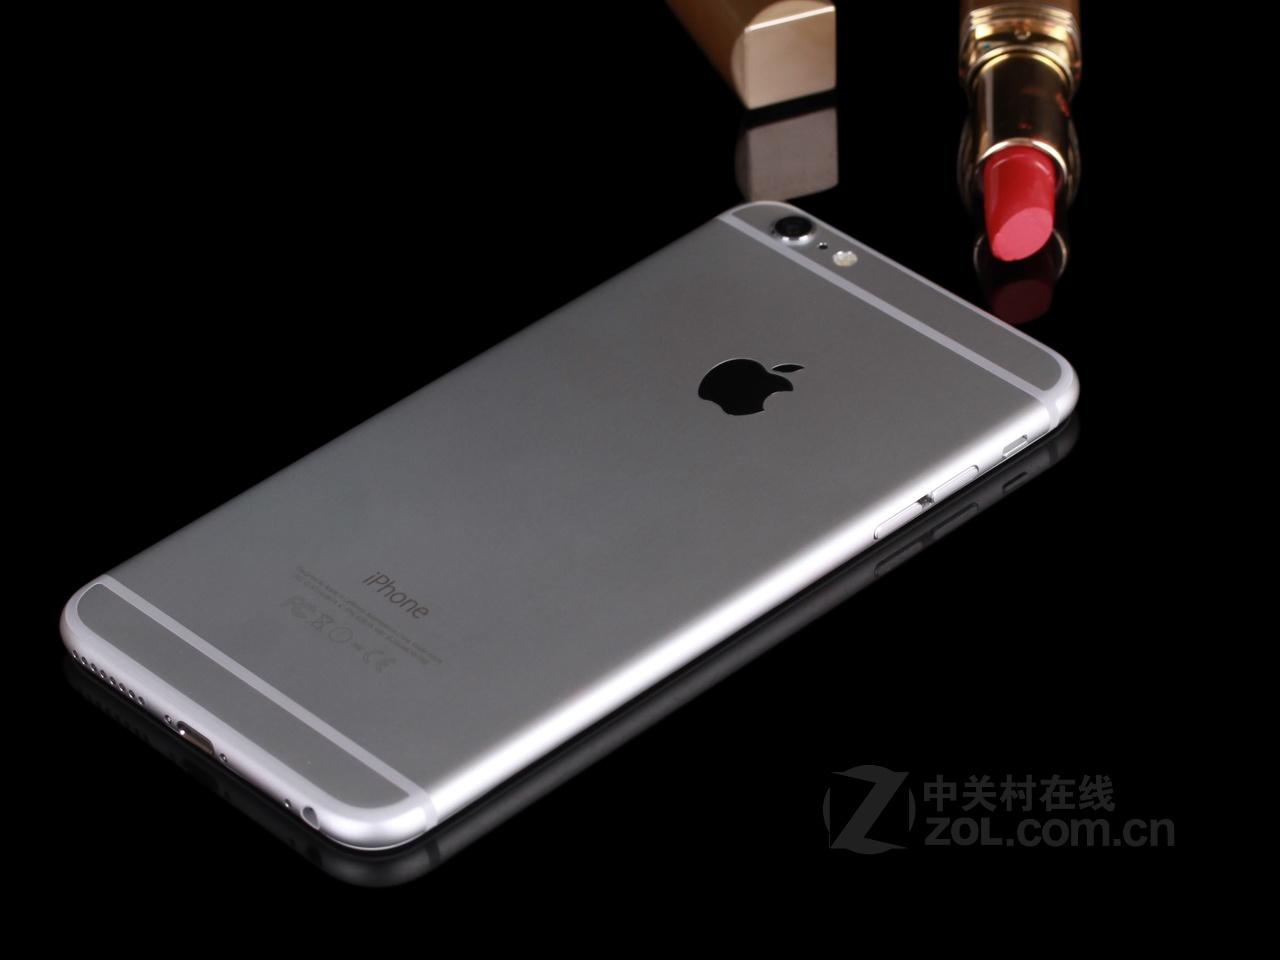 美妙设计 苹果iphone6plus重庆售5580